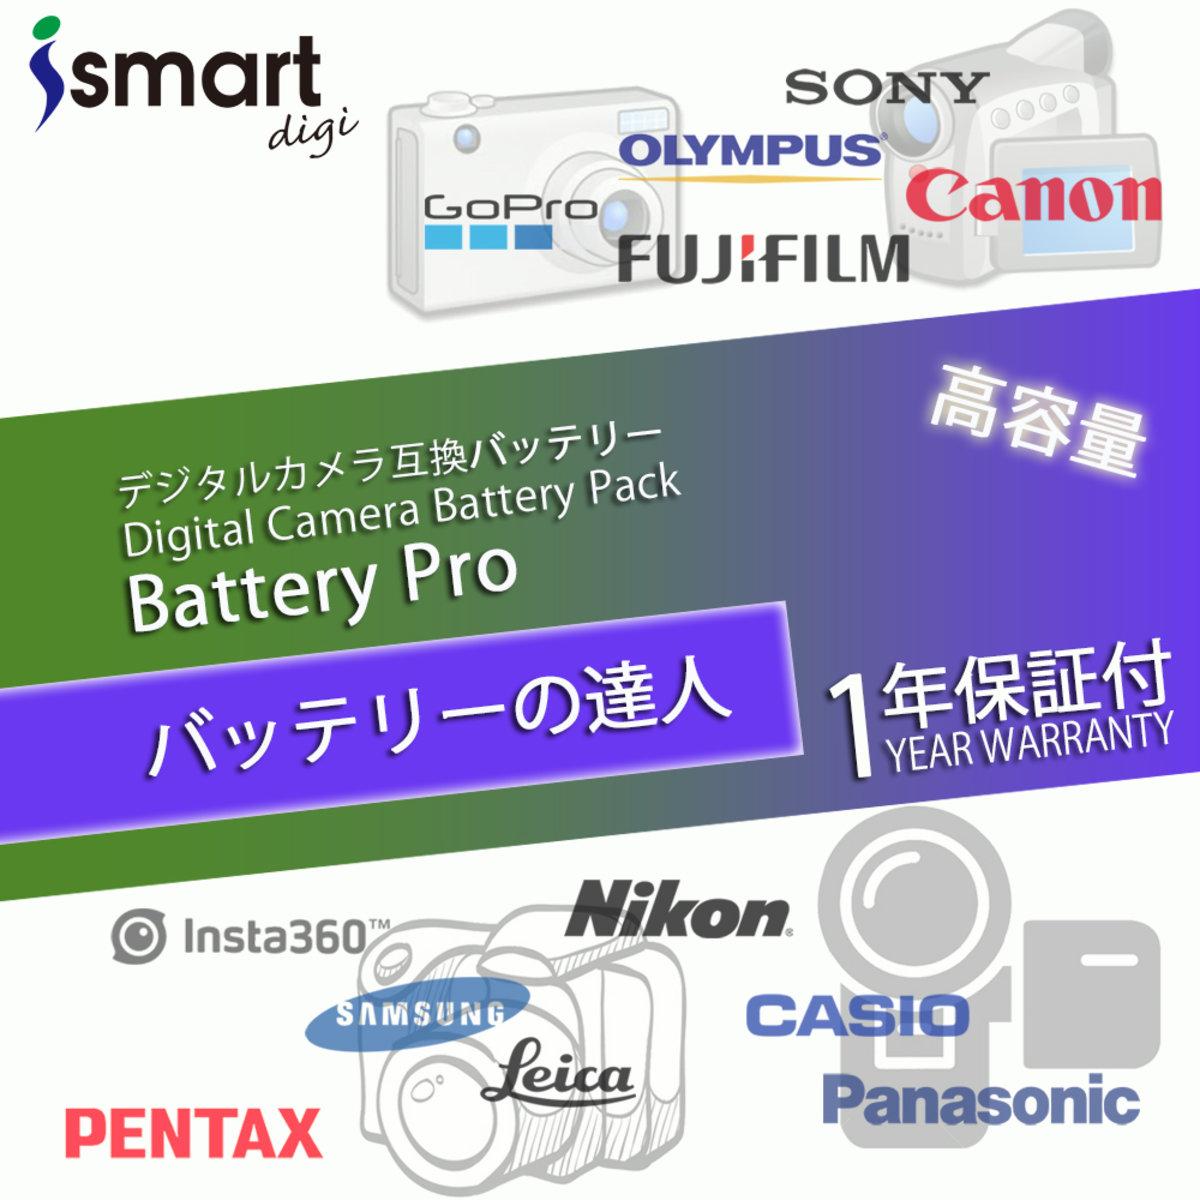 奧林巴斯數碼相機電池(適合:Mju 7010, Mju 7020, Mju 7030, Mju 7040, Mju 7050, T-110,  µ-7000, μ-7020, μ-7040)